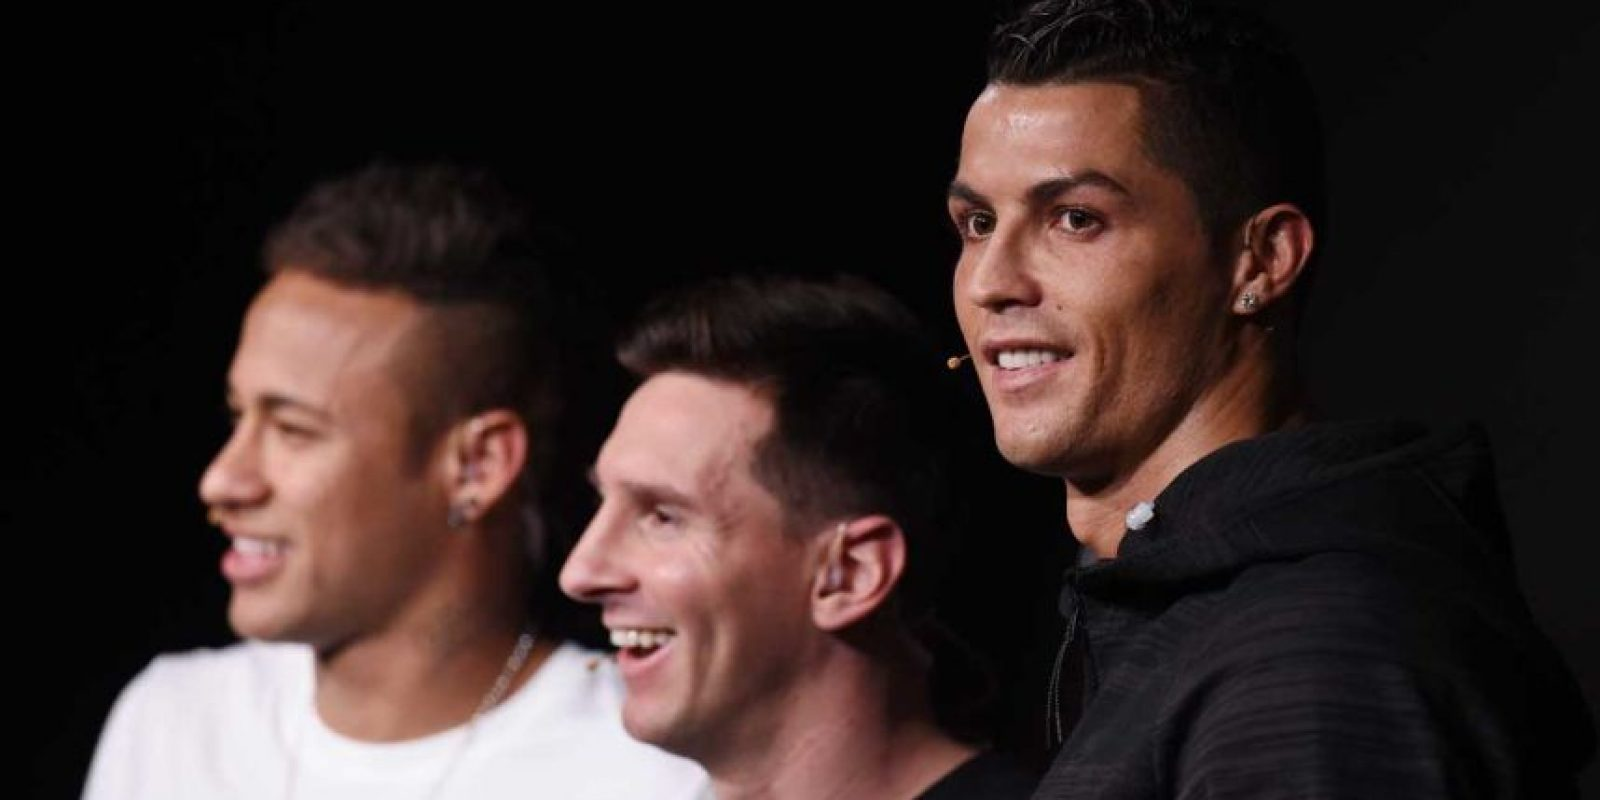 La competencia no pasa más allá. Foto:Getty Images. Imagen Por: